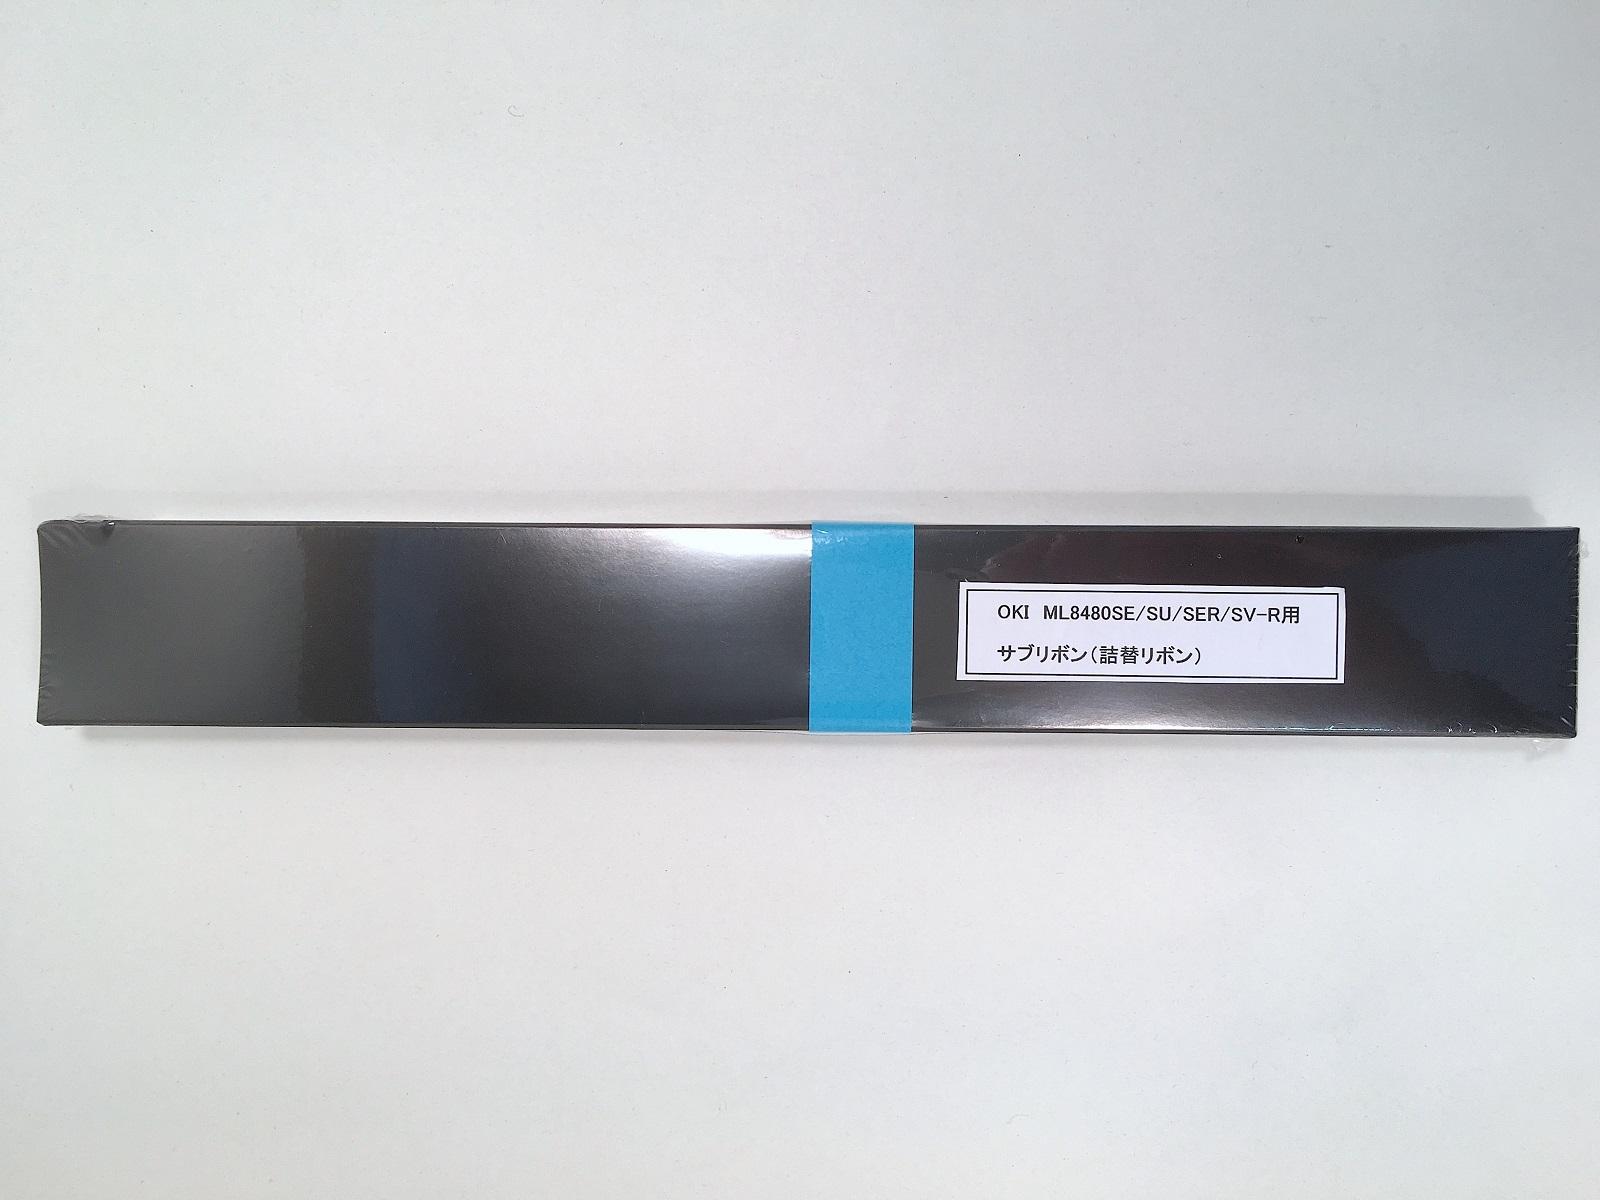 沖 / OKI 用 汎用品詰め替えリボン(サブリボン)ML8480SE/SU/SER/SU-R (BK)  6個(送料無料)